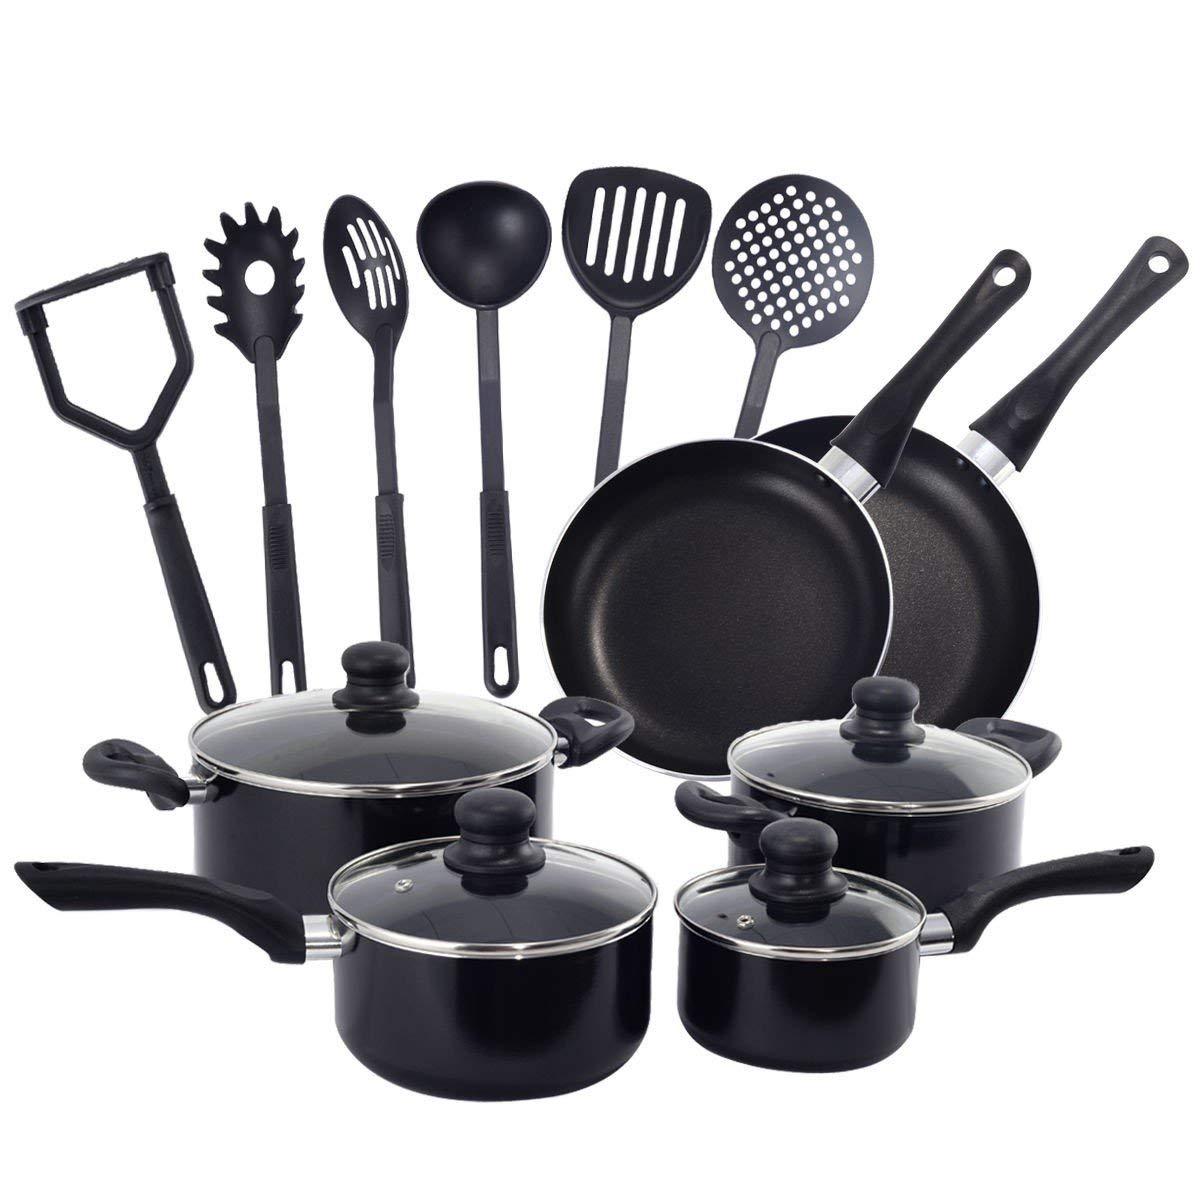 BeUniqueToday 16 Pieces Non Stick Cooking Kitchen Cookware Set, Professional Non-Stick 16 Pieces Kitchen Cookware Set, Kitchen Cookware Set With Aluminum Construction, Scratch-Resistant Cookware Sets